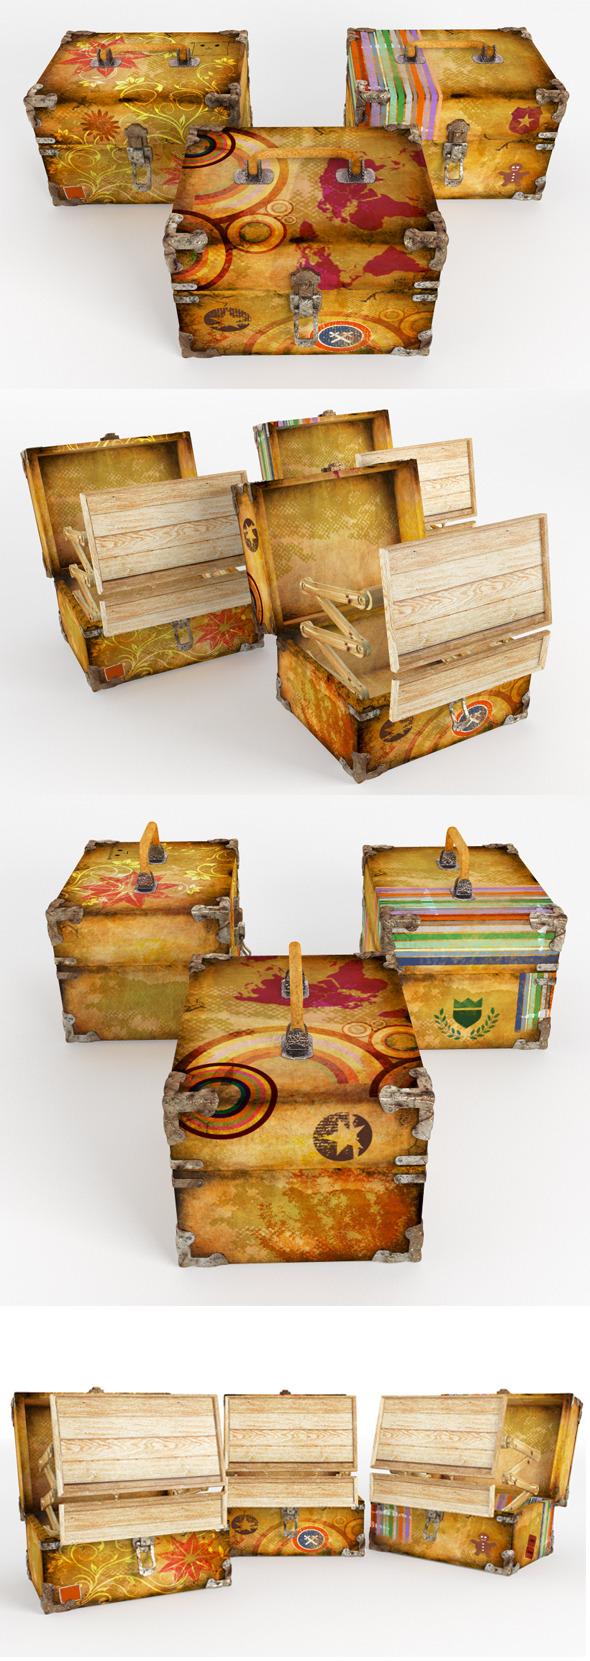 Vintage Cases - 3DOcean Item for Sale